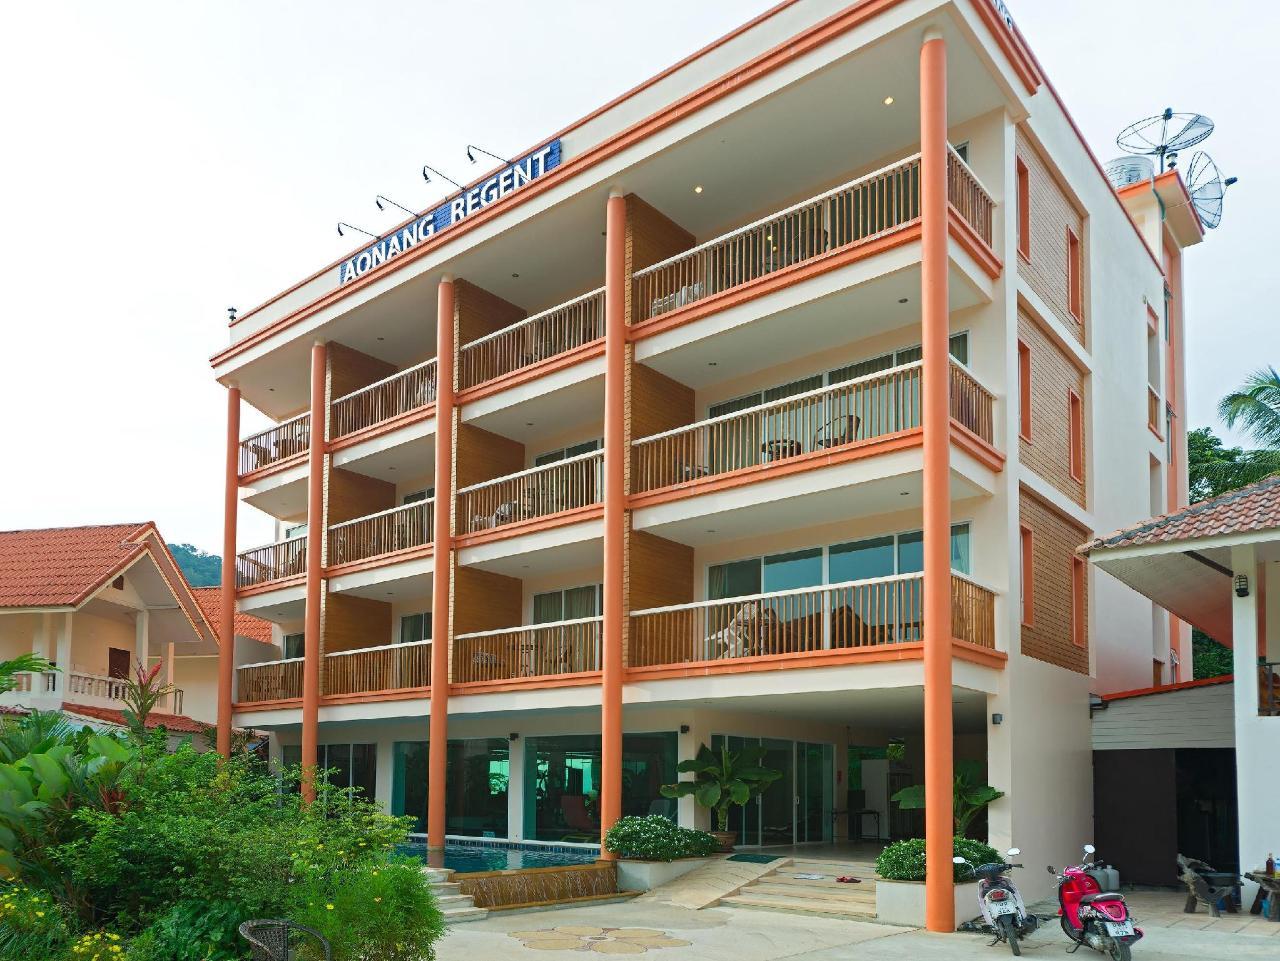 โรงแรมอ่าวนาง รีเจนท์ (Aonang Regent Hotel)